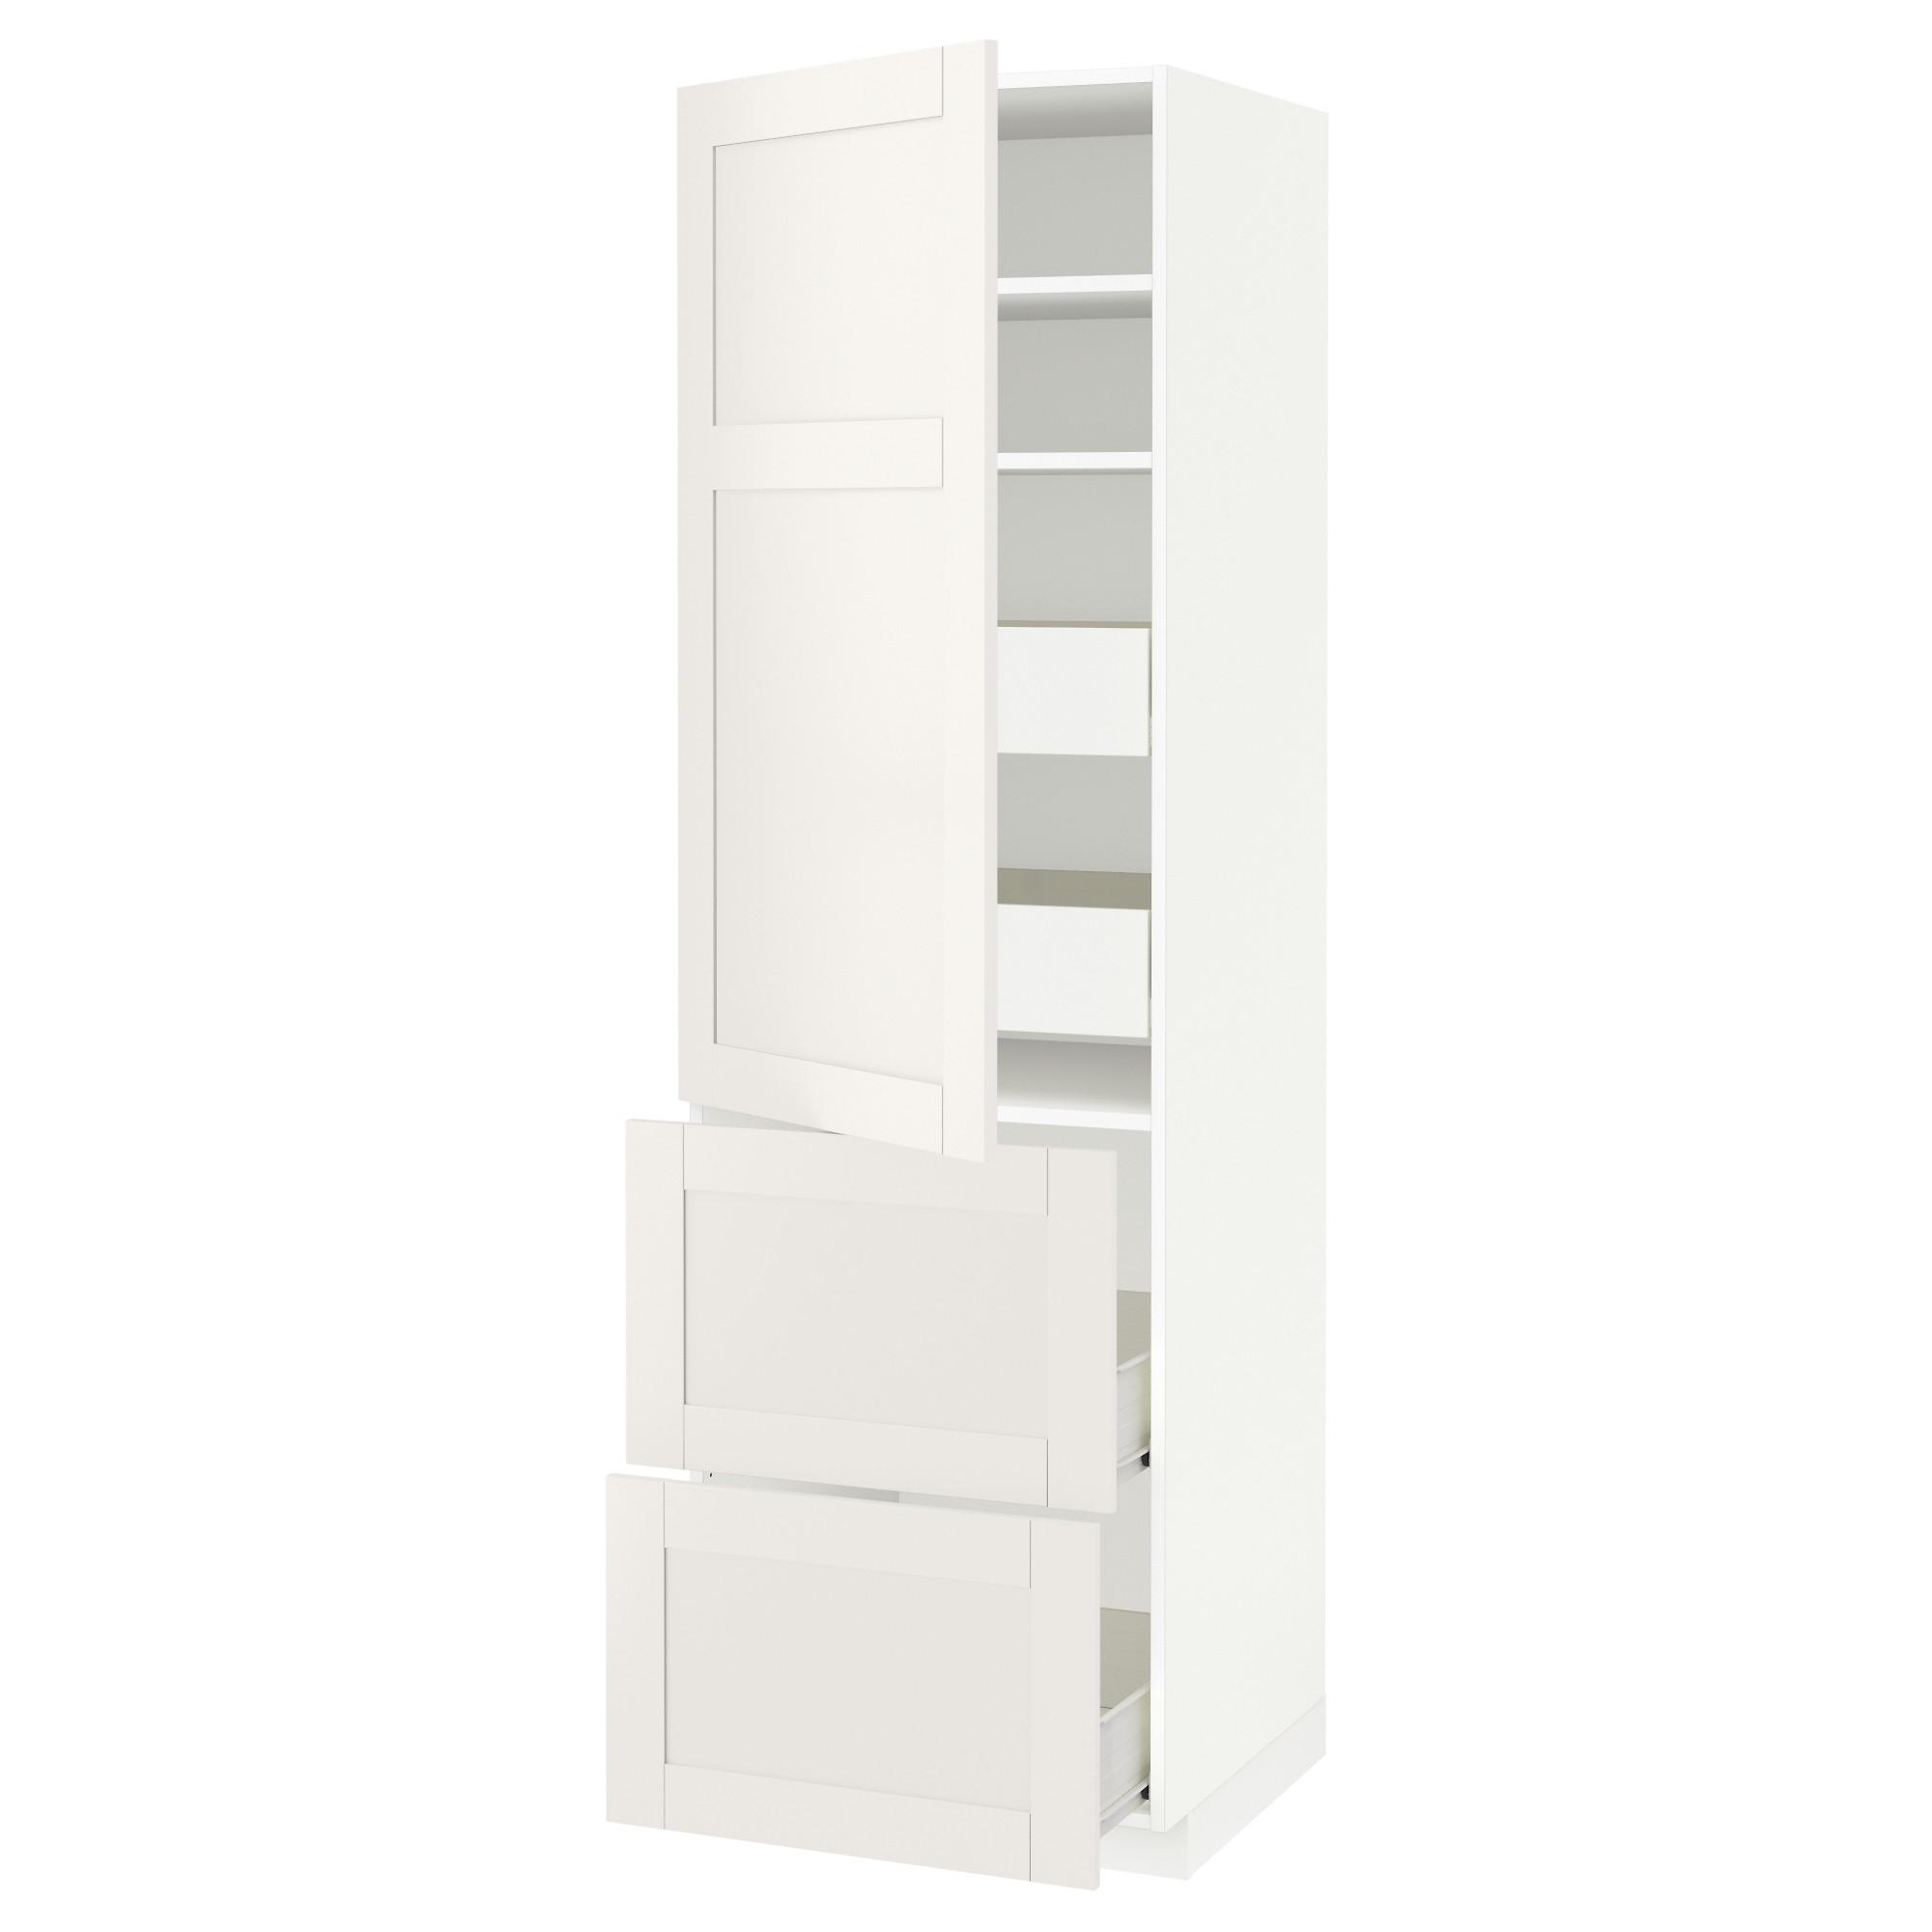 Высокий шкаф + полки, 4 ящика, 2 дверцы МЕТОД / ФОРВАРА белый артикуль № 992.658.45 в наличии. Интернет сайт IKEA Республика Беларусь. Быстрая доставка и монтаж.